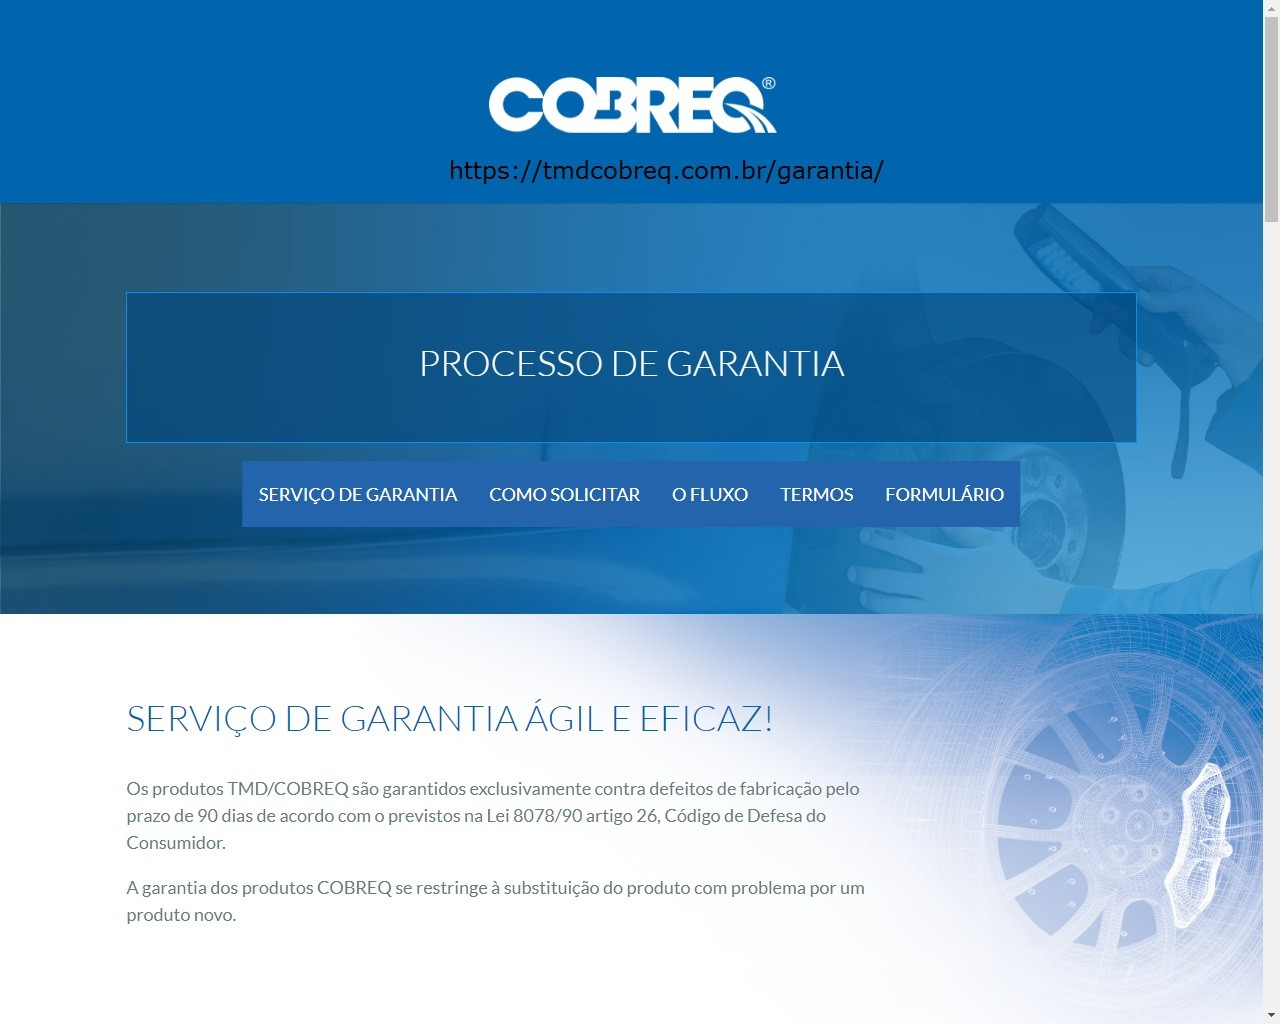 Jg Pastilha Freio Cerâmica Transalp 700 Completo sem ABS Cobreq Racing Extreme